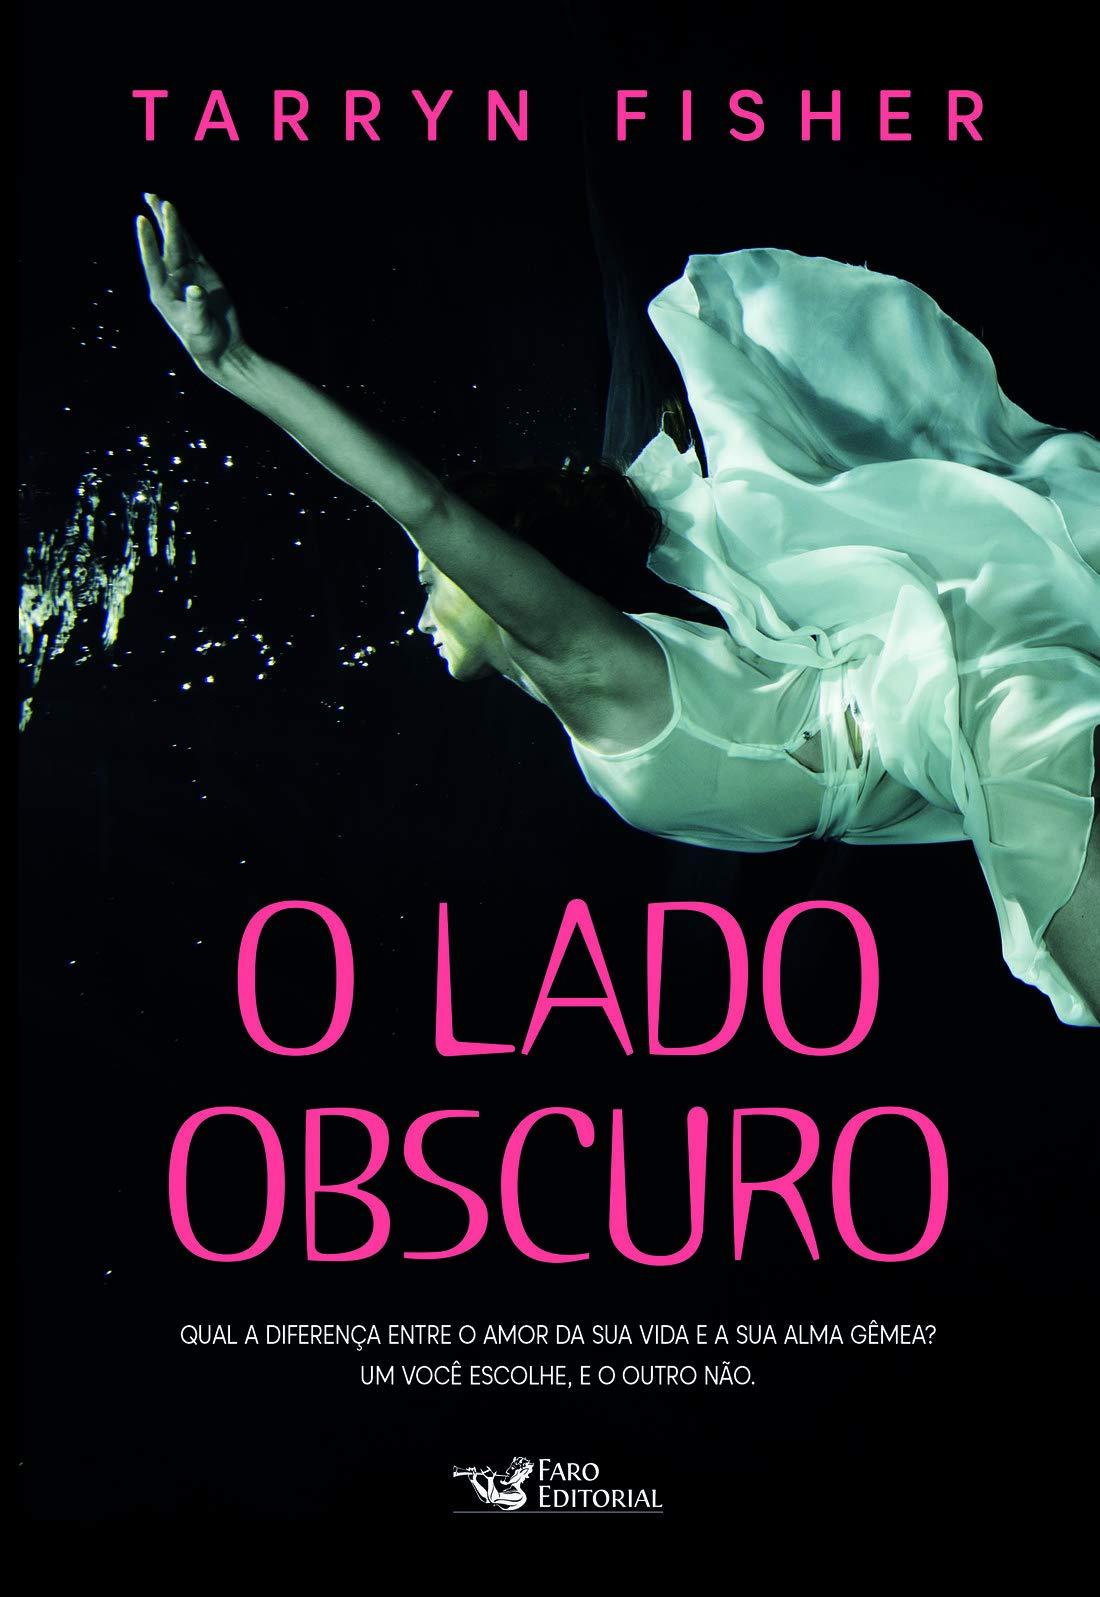 BOPE RIO JANEIRO OBSCURO DO DE O BAIXAR LADO